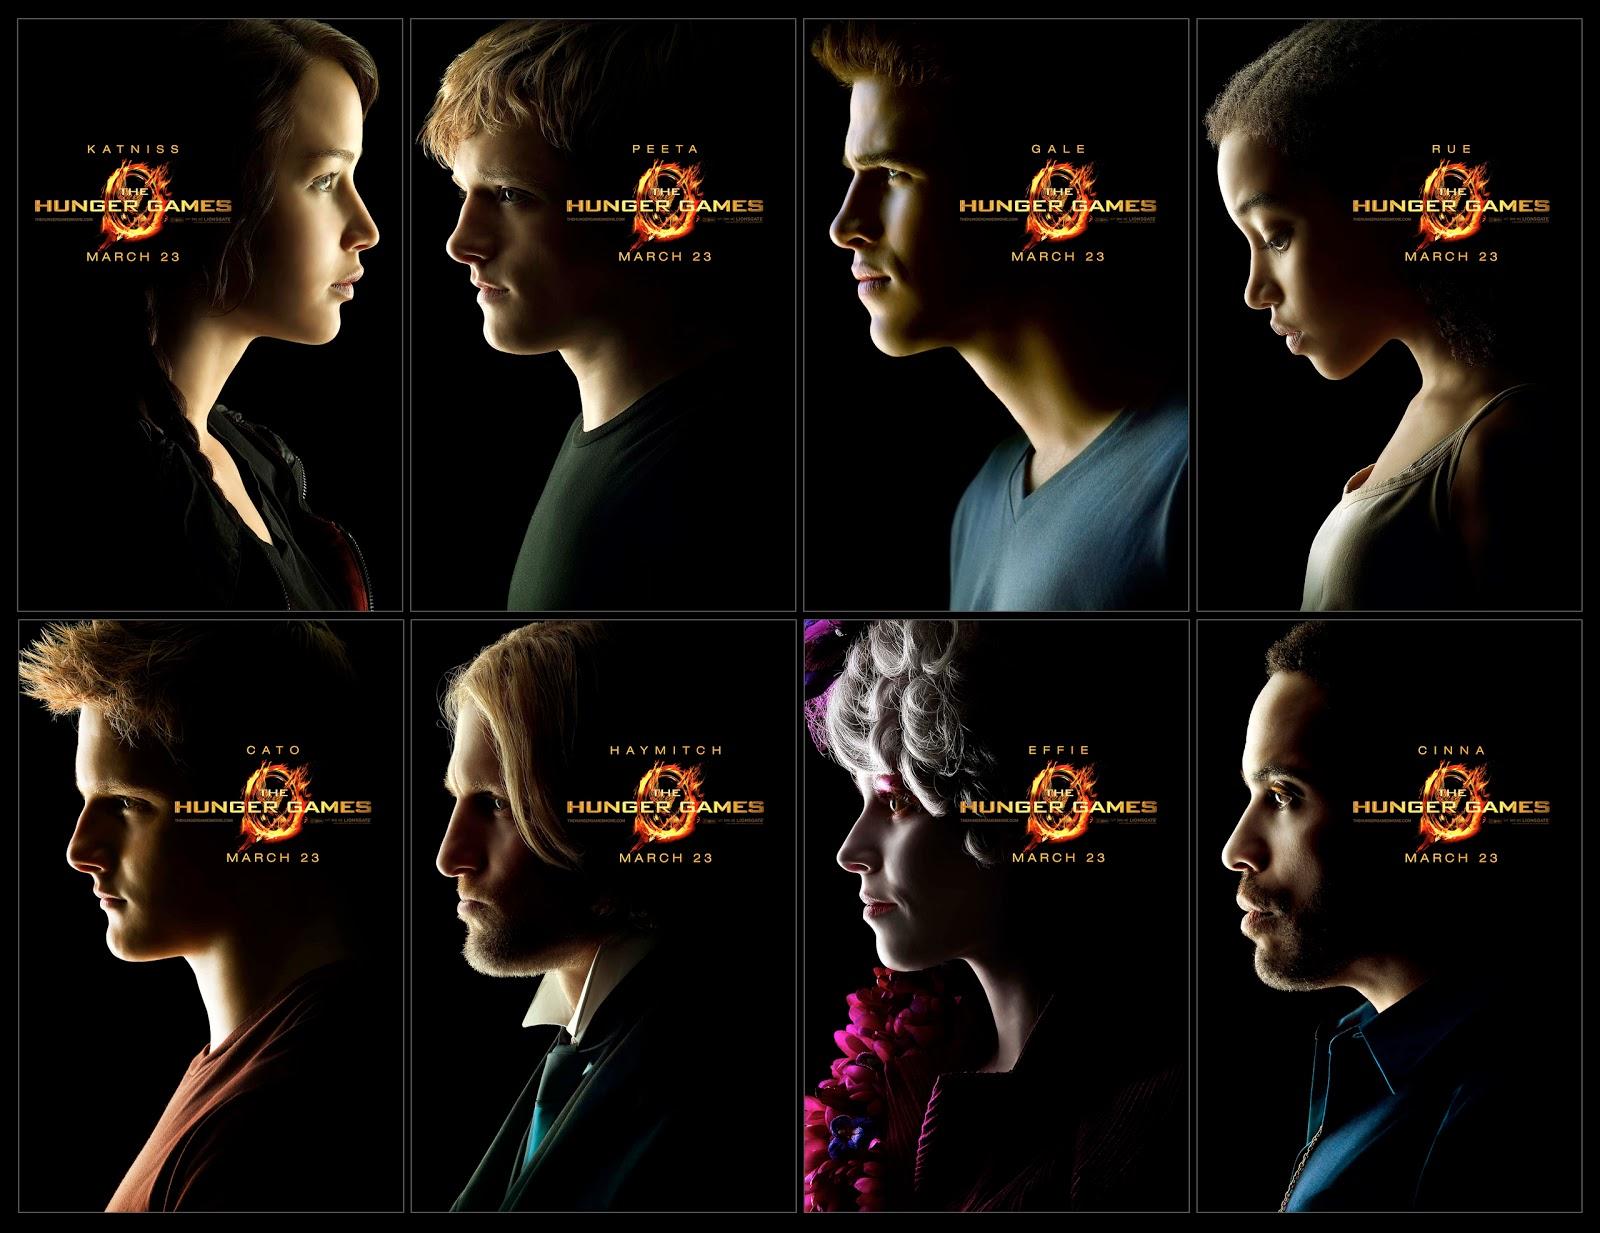 http://3.bp.blogspot.com/-LKxED95Kbpg/TqsTRUjlICI/AAAAAAAADIs/Zkze-hY3DtQ/s1600/Hunger+Games+Character+Poster.jpg